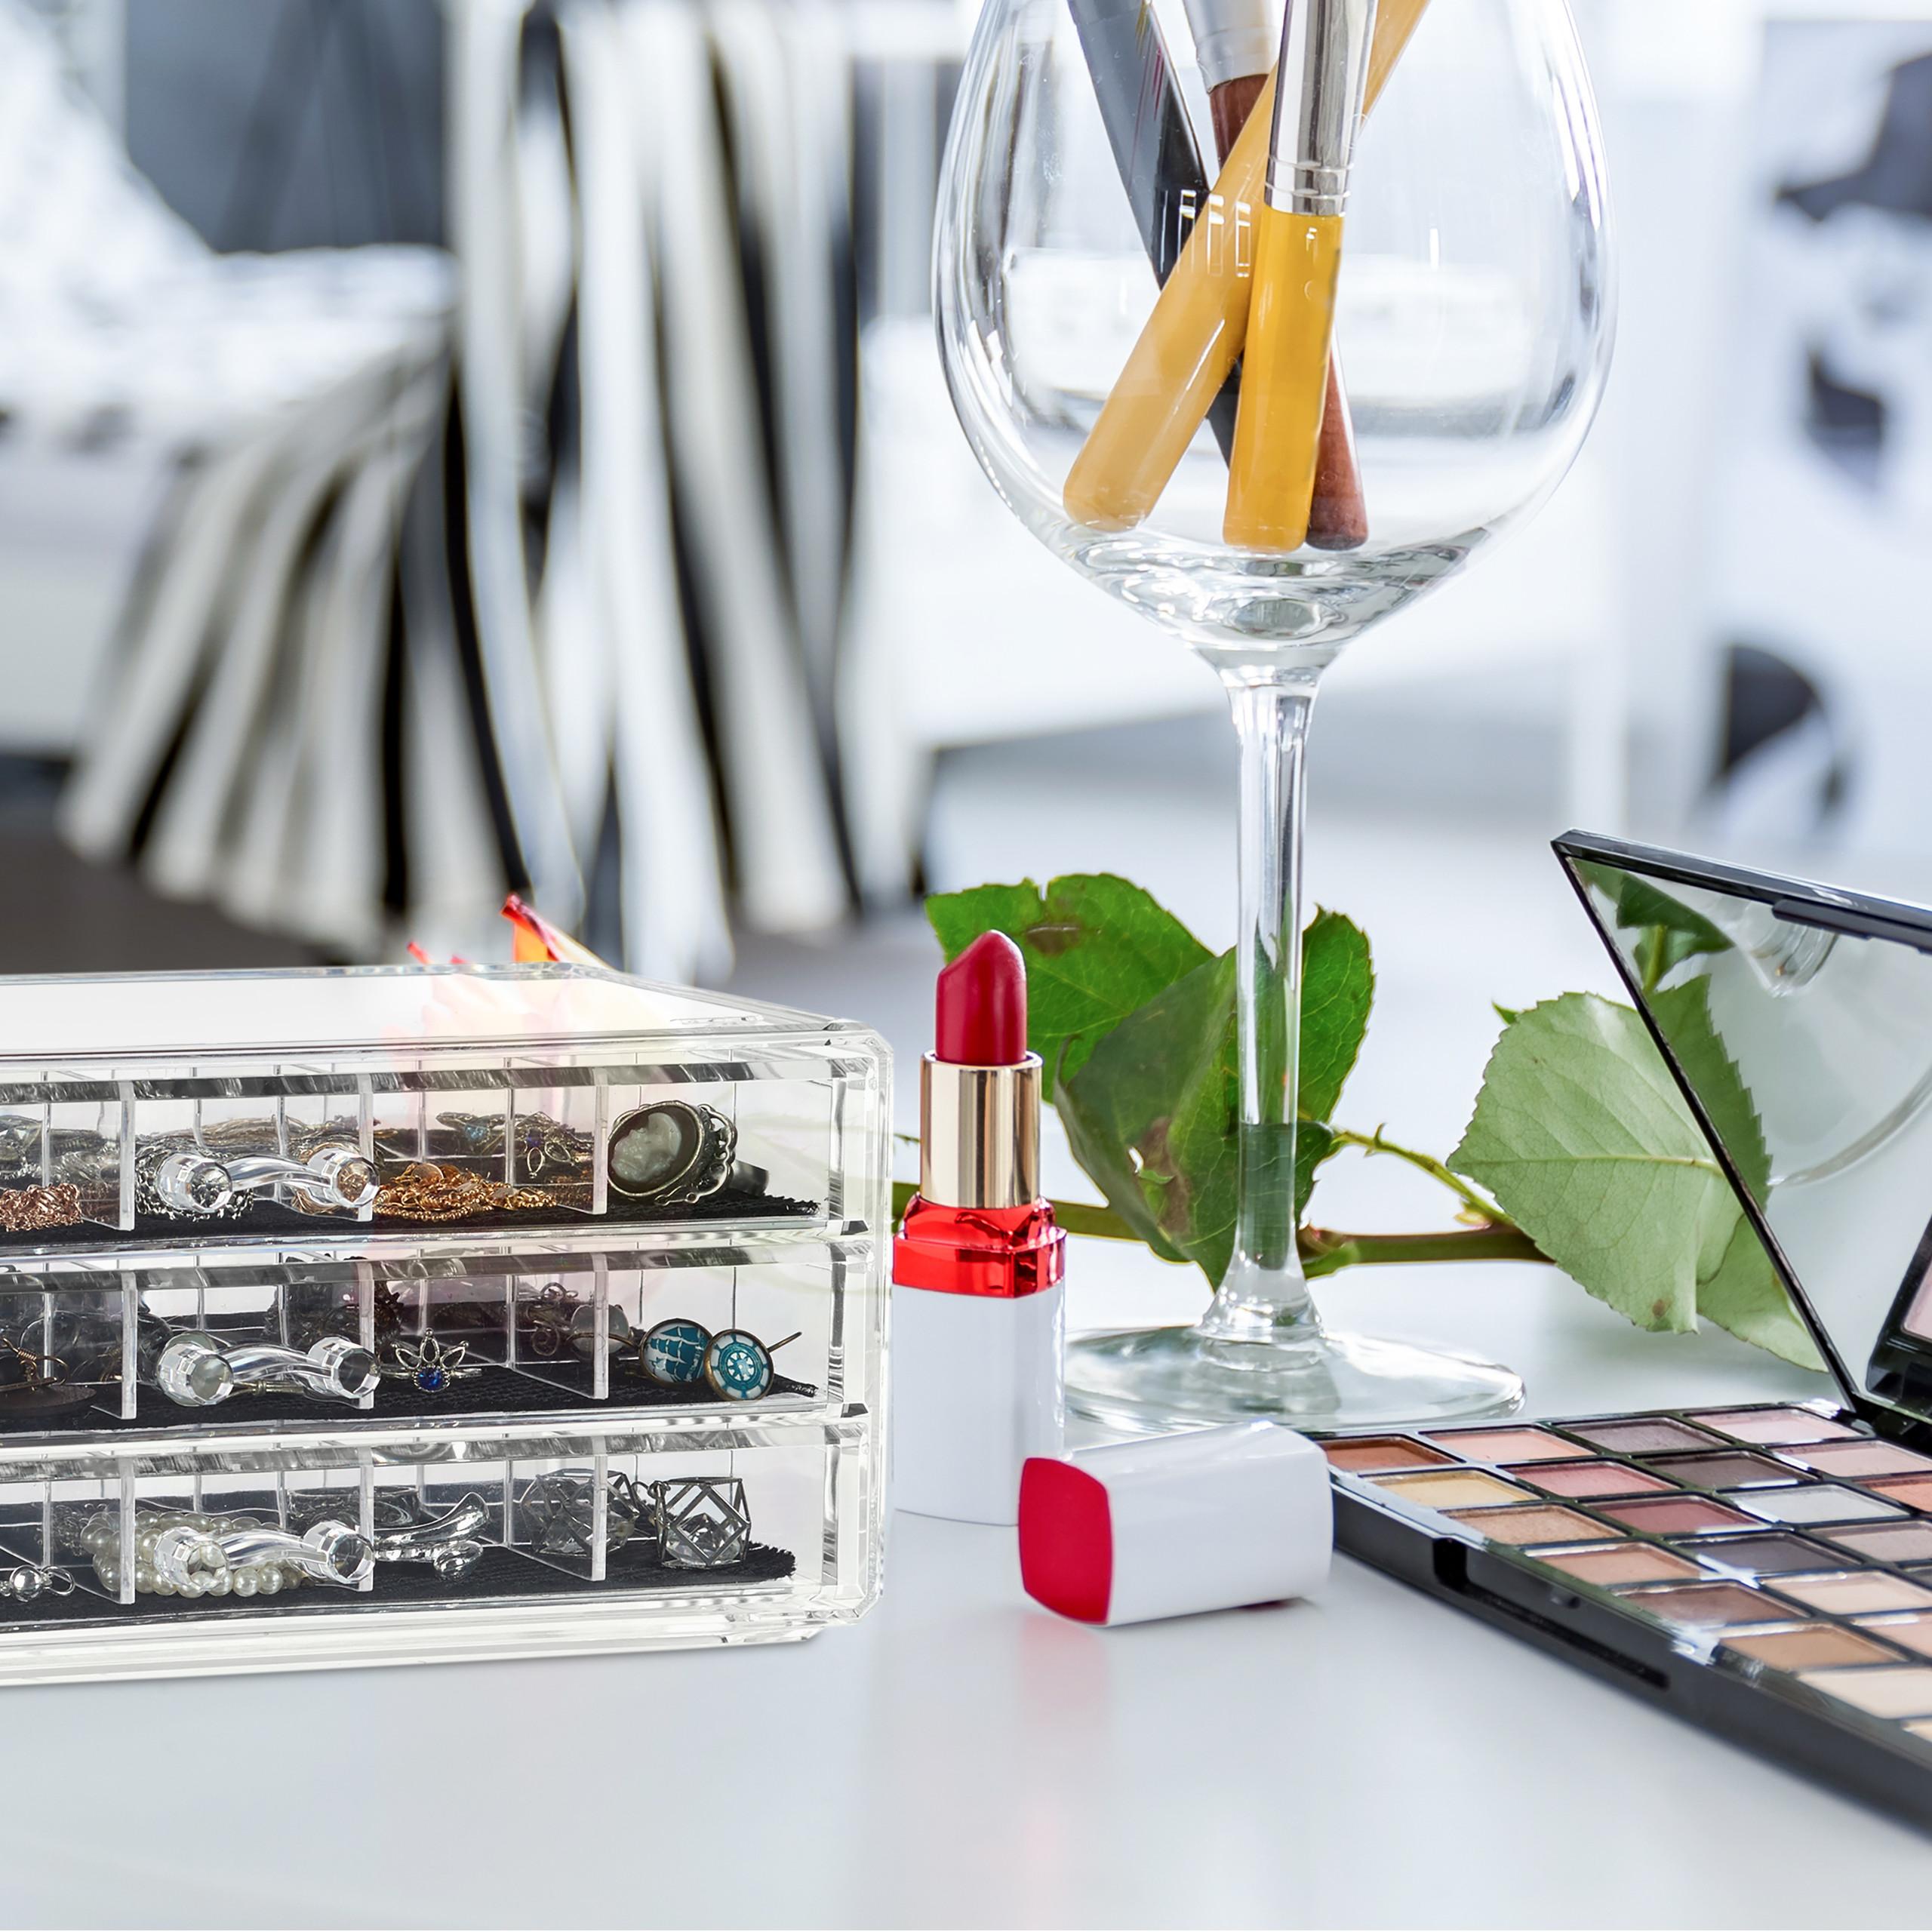 Make-Up-Organizer-Acryl-Schmuckaufbewahrung-3-Schubladen-Kosmetikbox-mit-Fachern miniatuur 4